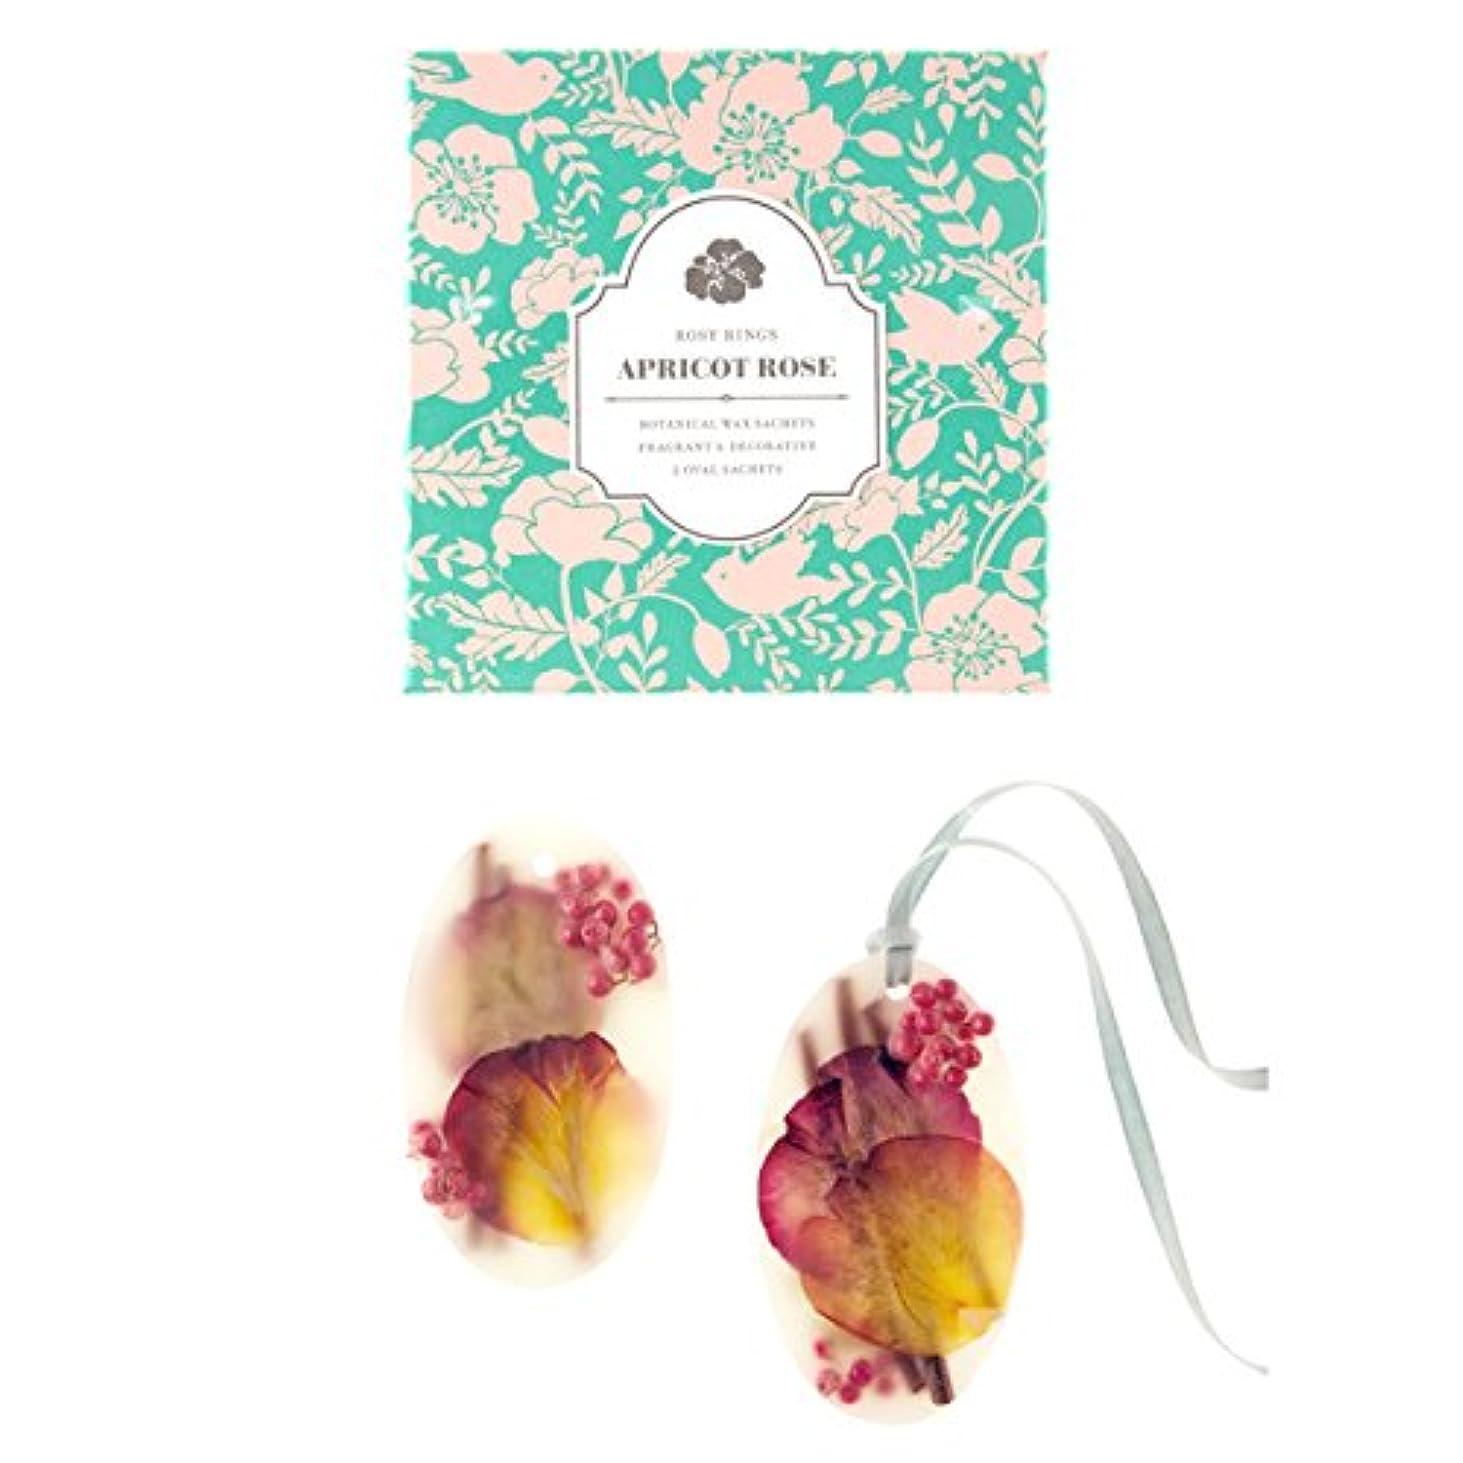 おとなしいトレーニング貪欲ロージーリングス ボタニカルワックスサシェ オーバル アプリコット&ローズ ROSY RINGS Signature Collection Botanical Wax Sachets – Apricot Rose